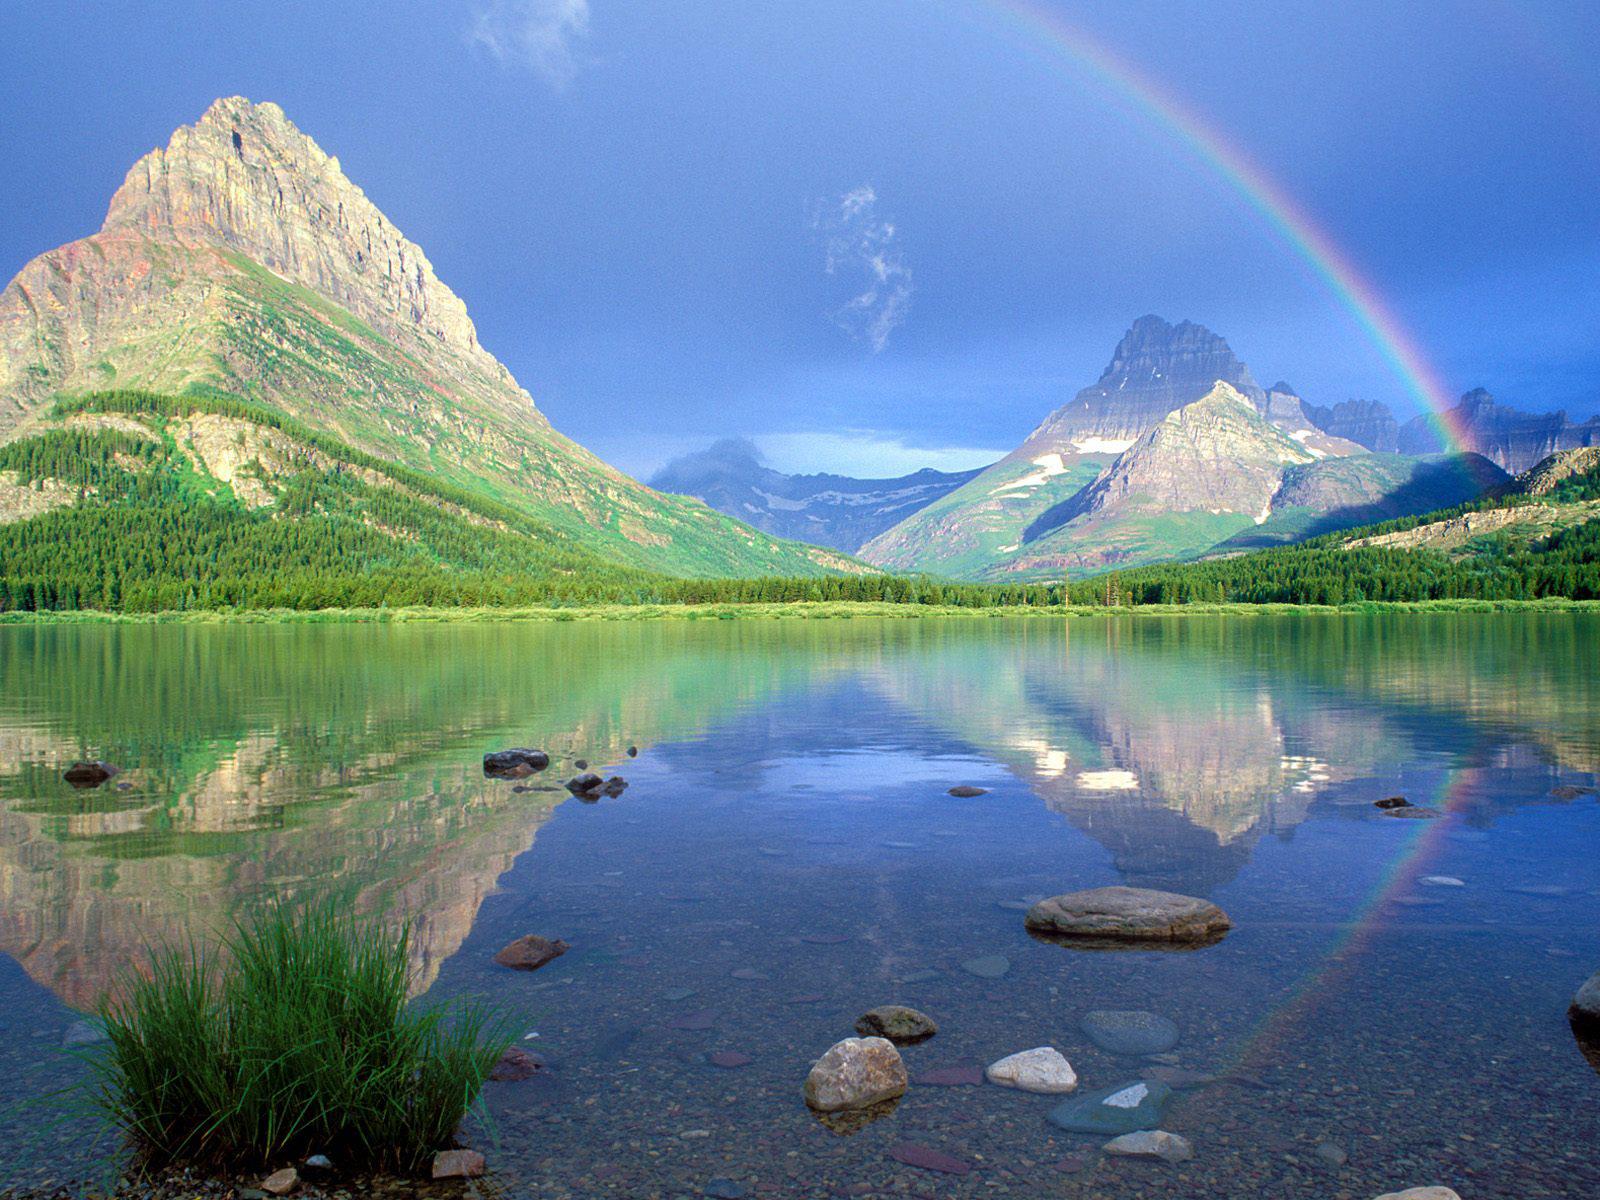 http://4.bp.blogspot.com/-pkVKDqD1tnQ/TyQo0Kj7TyI/AAAAAAAABLg/uV8559OohIA/s1600/Rainbow+HQ+Wallpaper.jpg